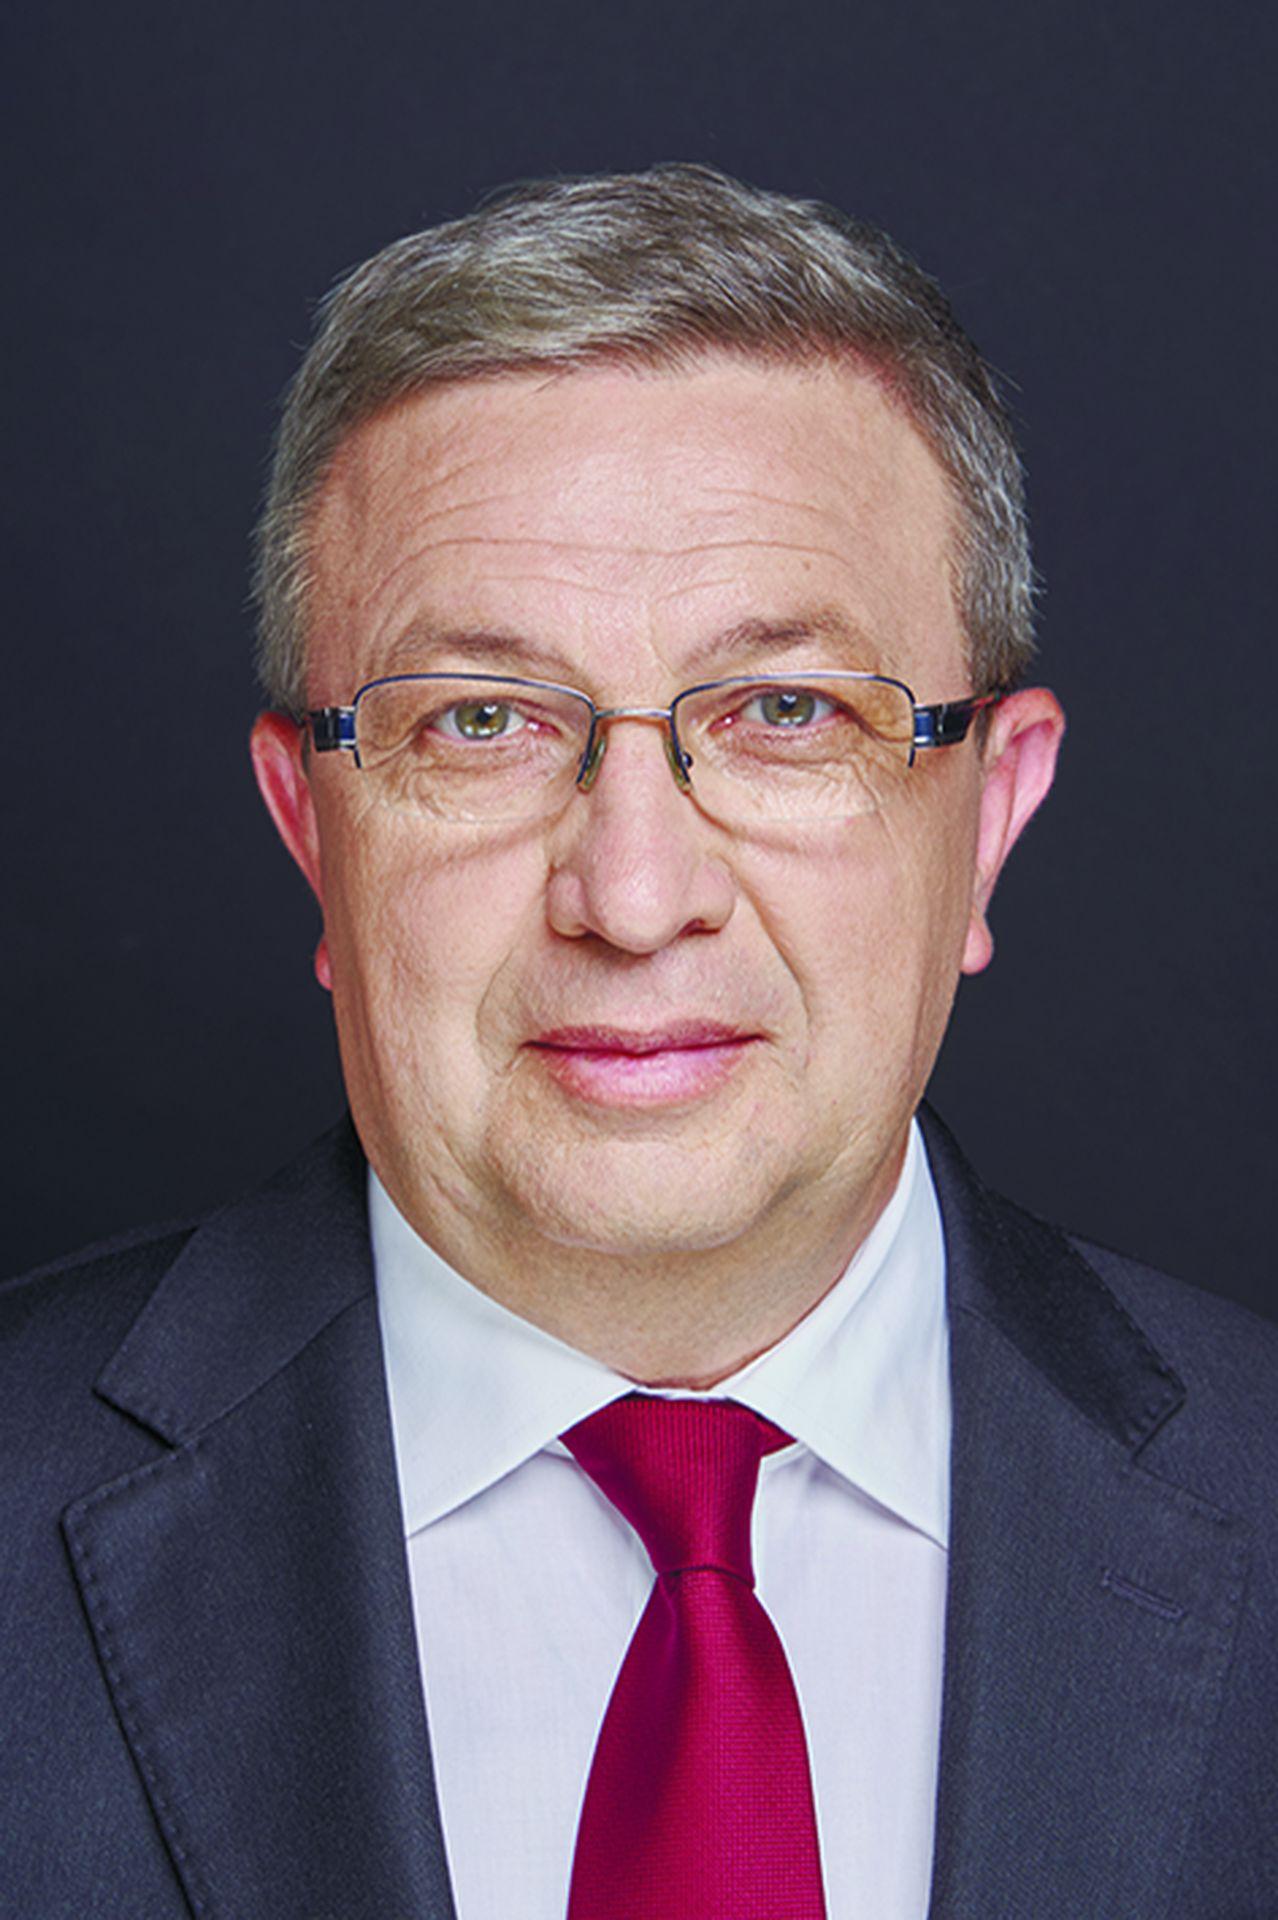 Vitālijs Orlovs